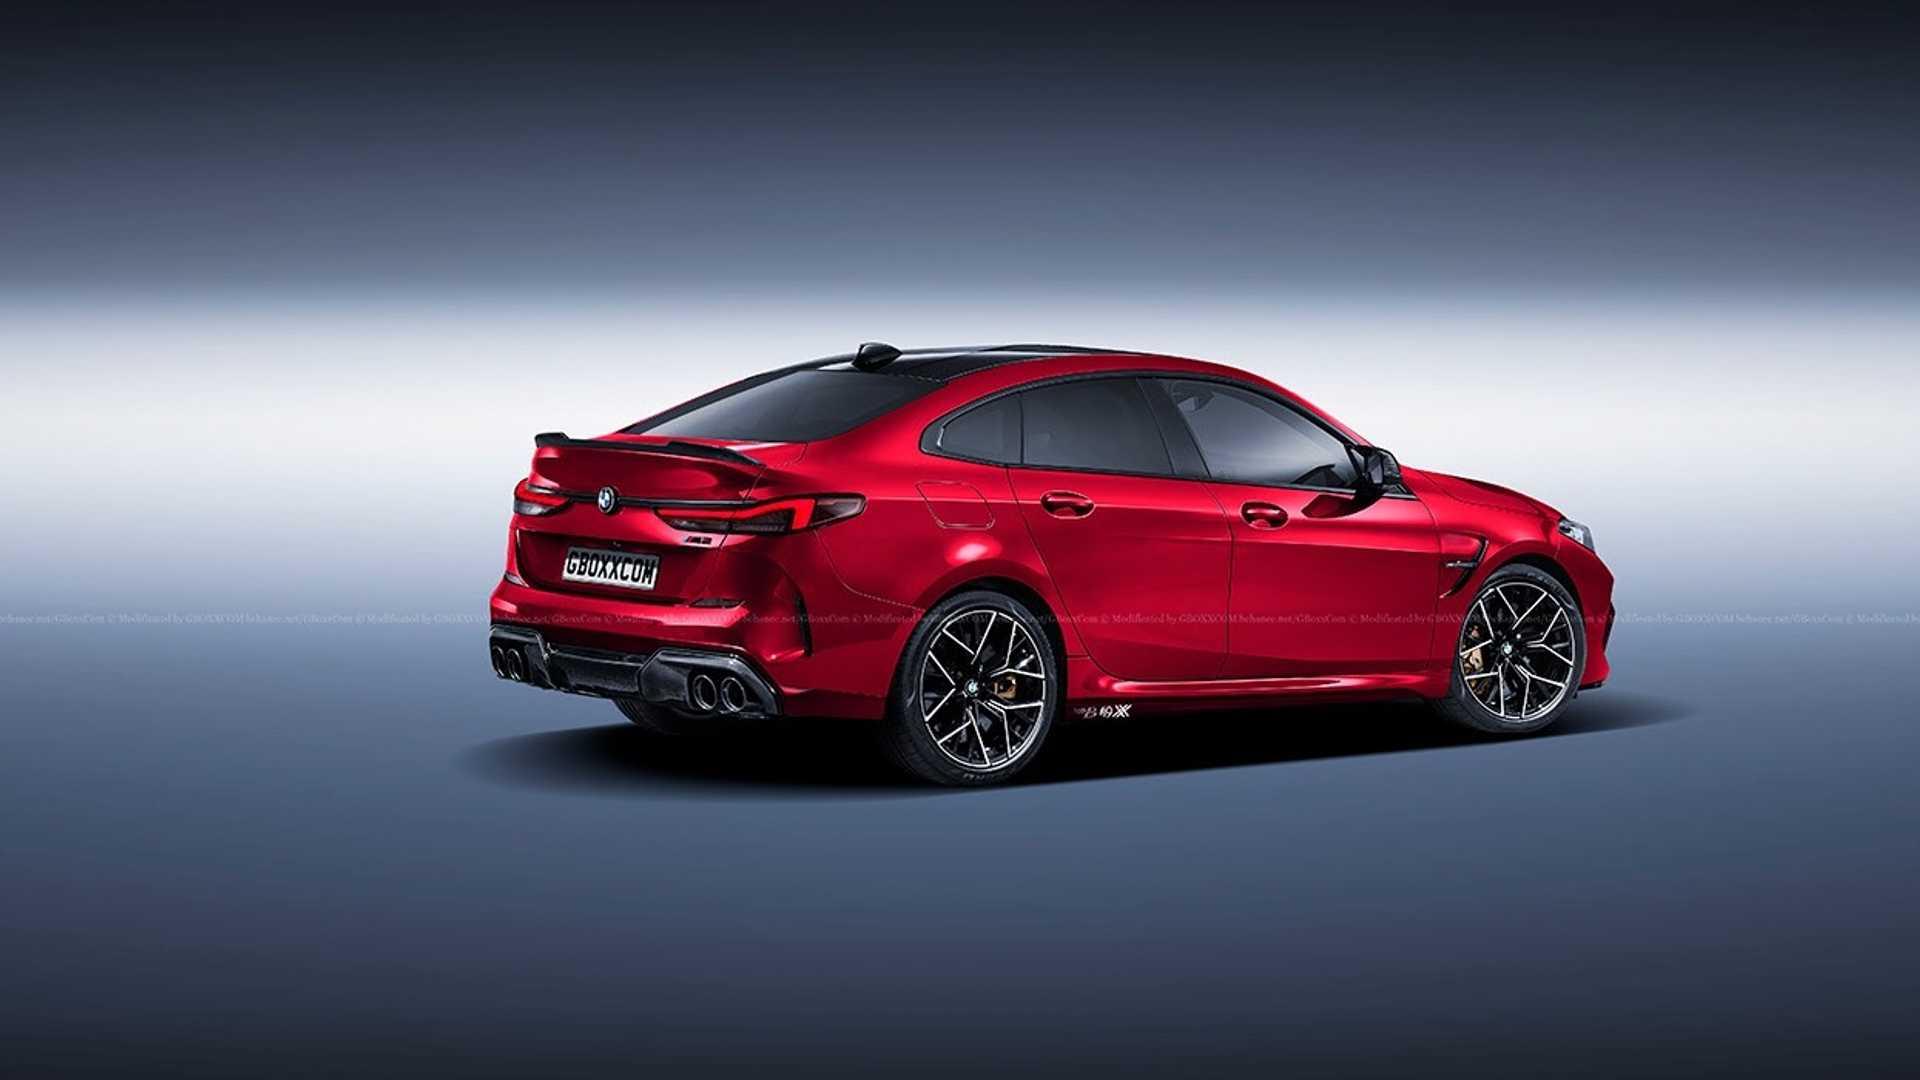 宝马M2 Gran Coupe渲染图发布,又一款性能车即将诞生?